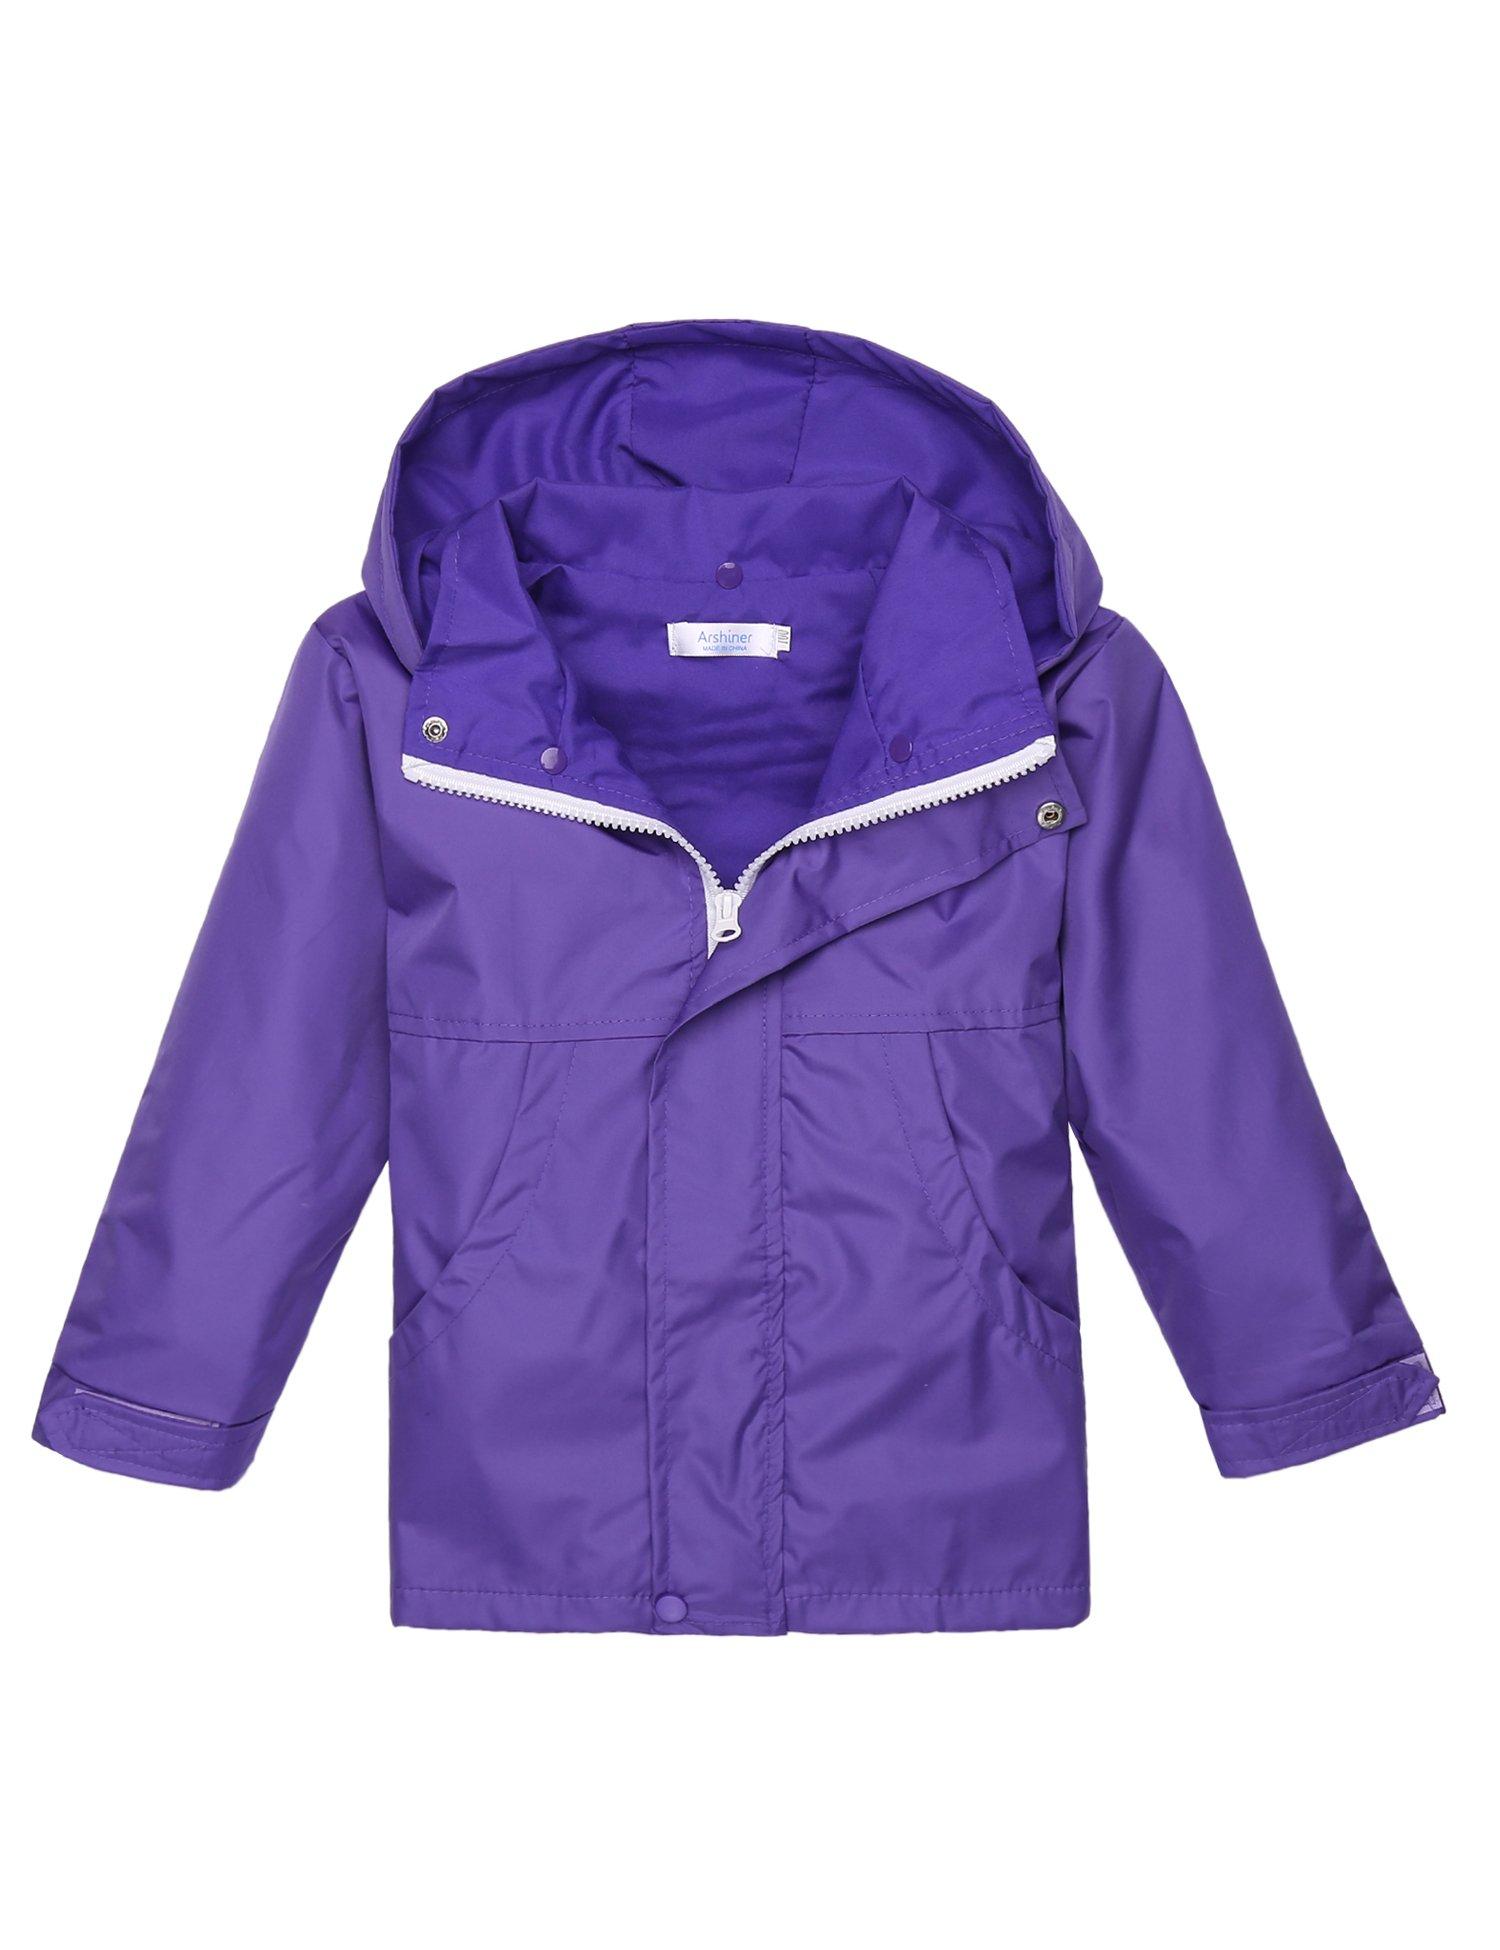 Arshiner Girls Waterproof Raincoats Kids Hooded Rain Jacket Lavender 130(7-8Y)